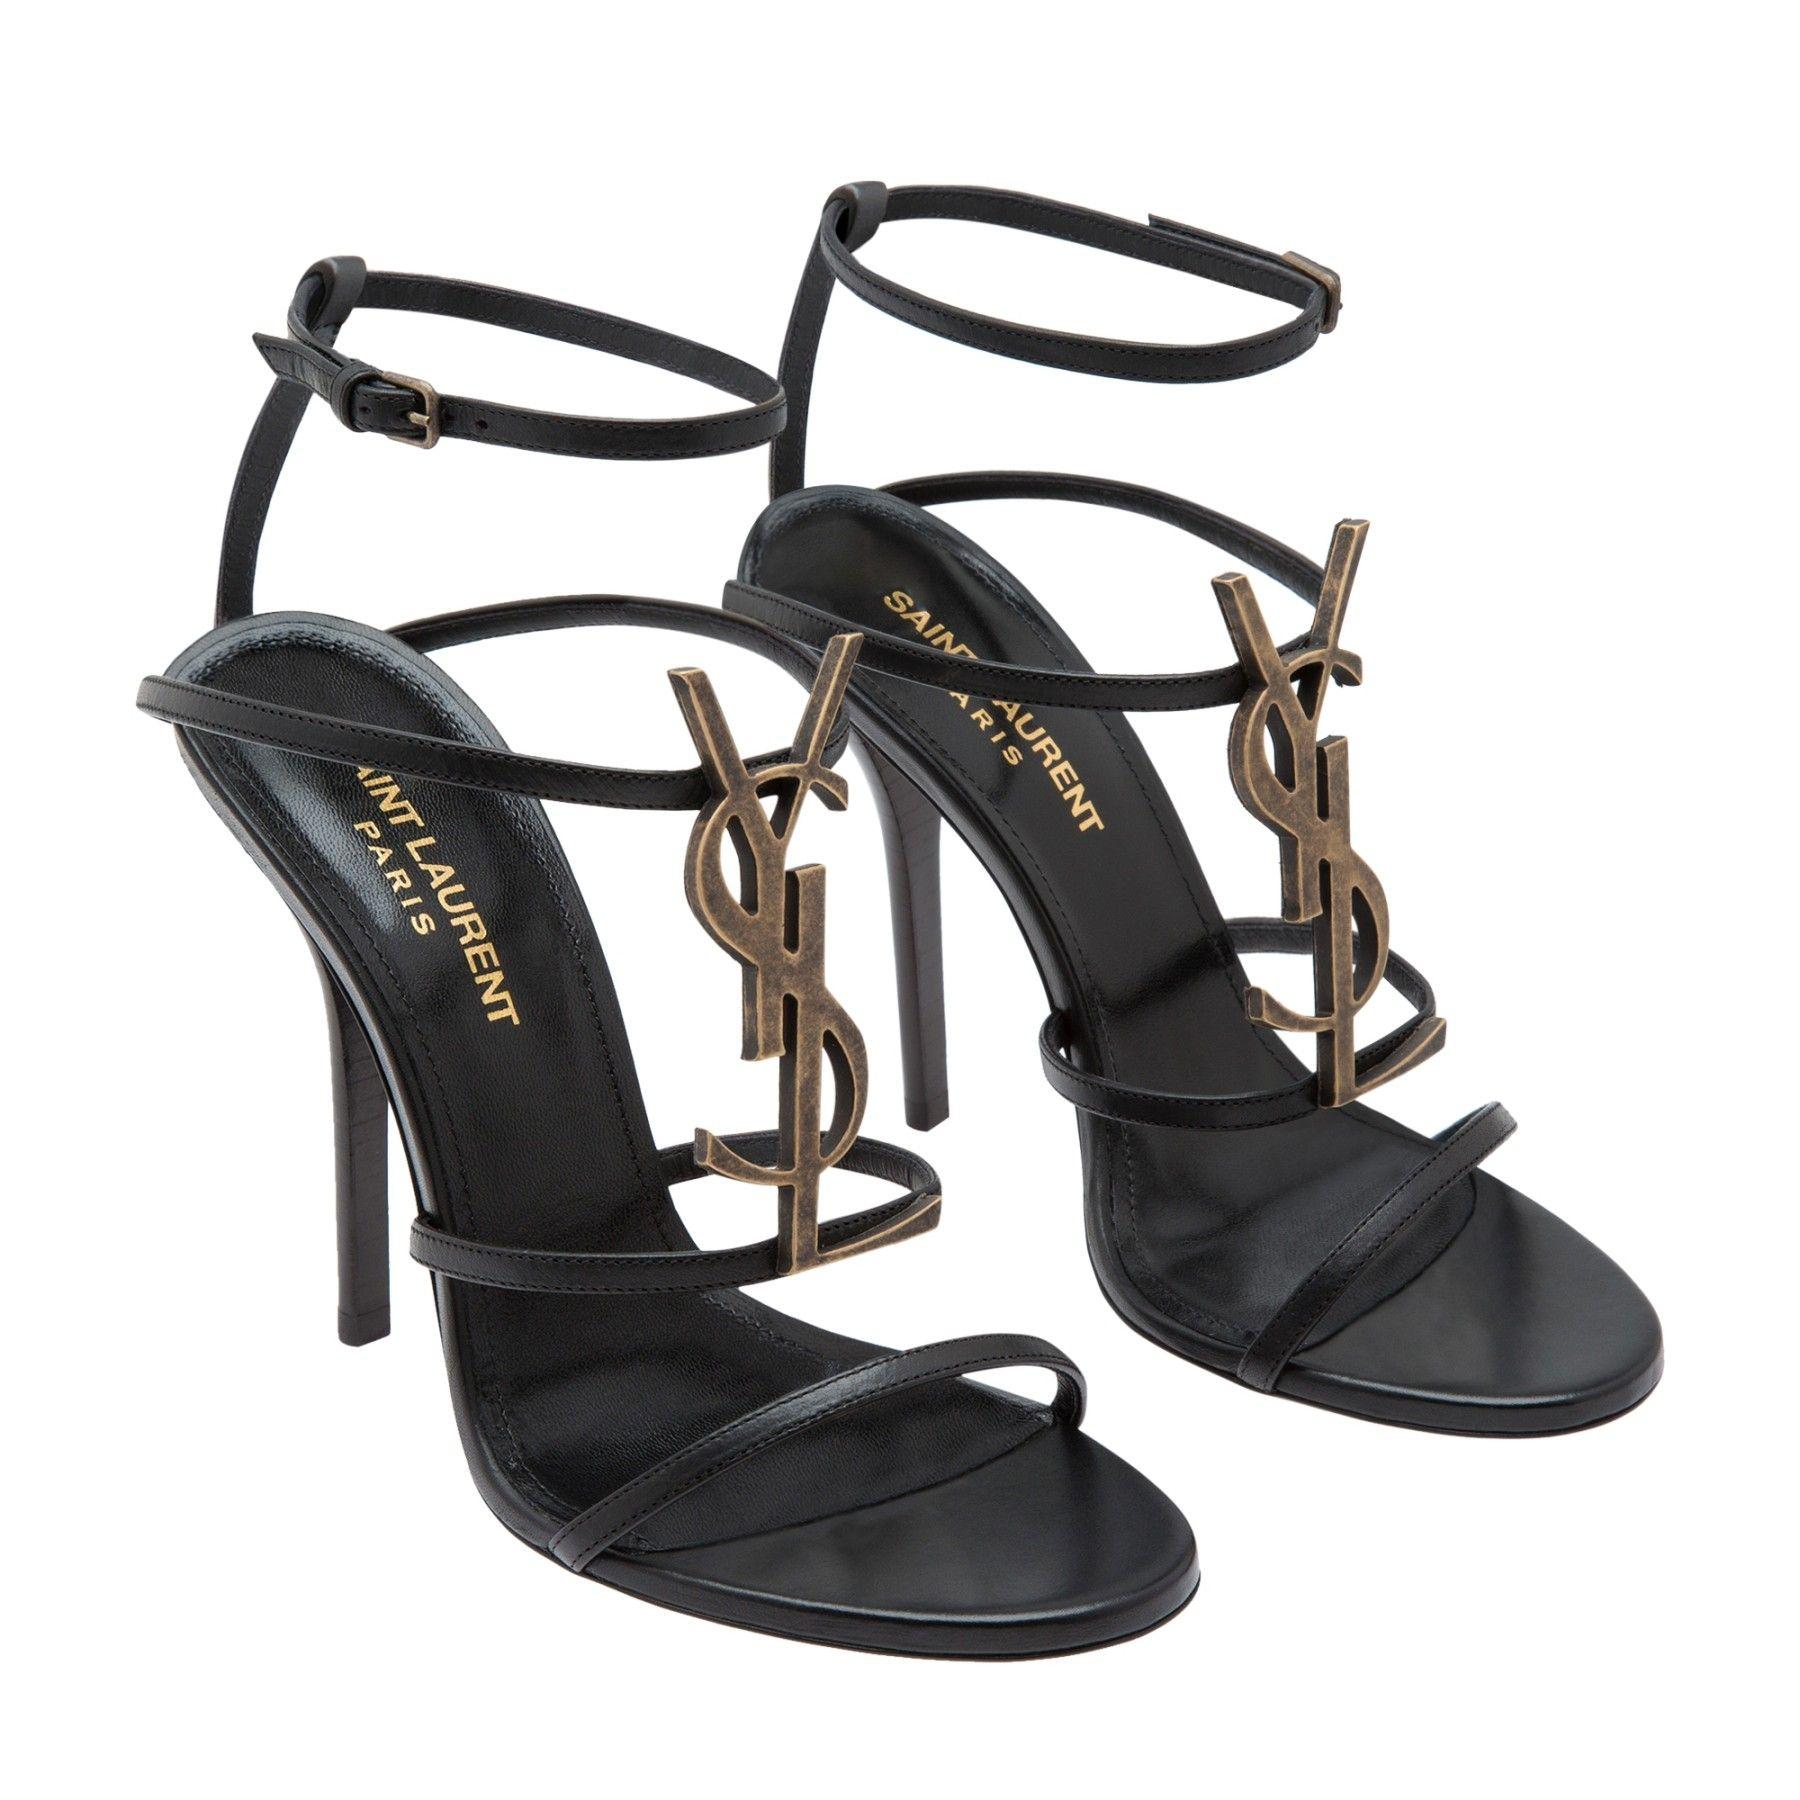 82a41cb2 Cassandra leather sandals Women Black | Sandales Yves Saint Laurent ...